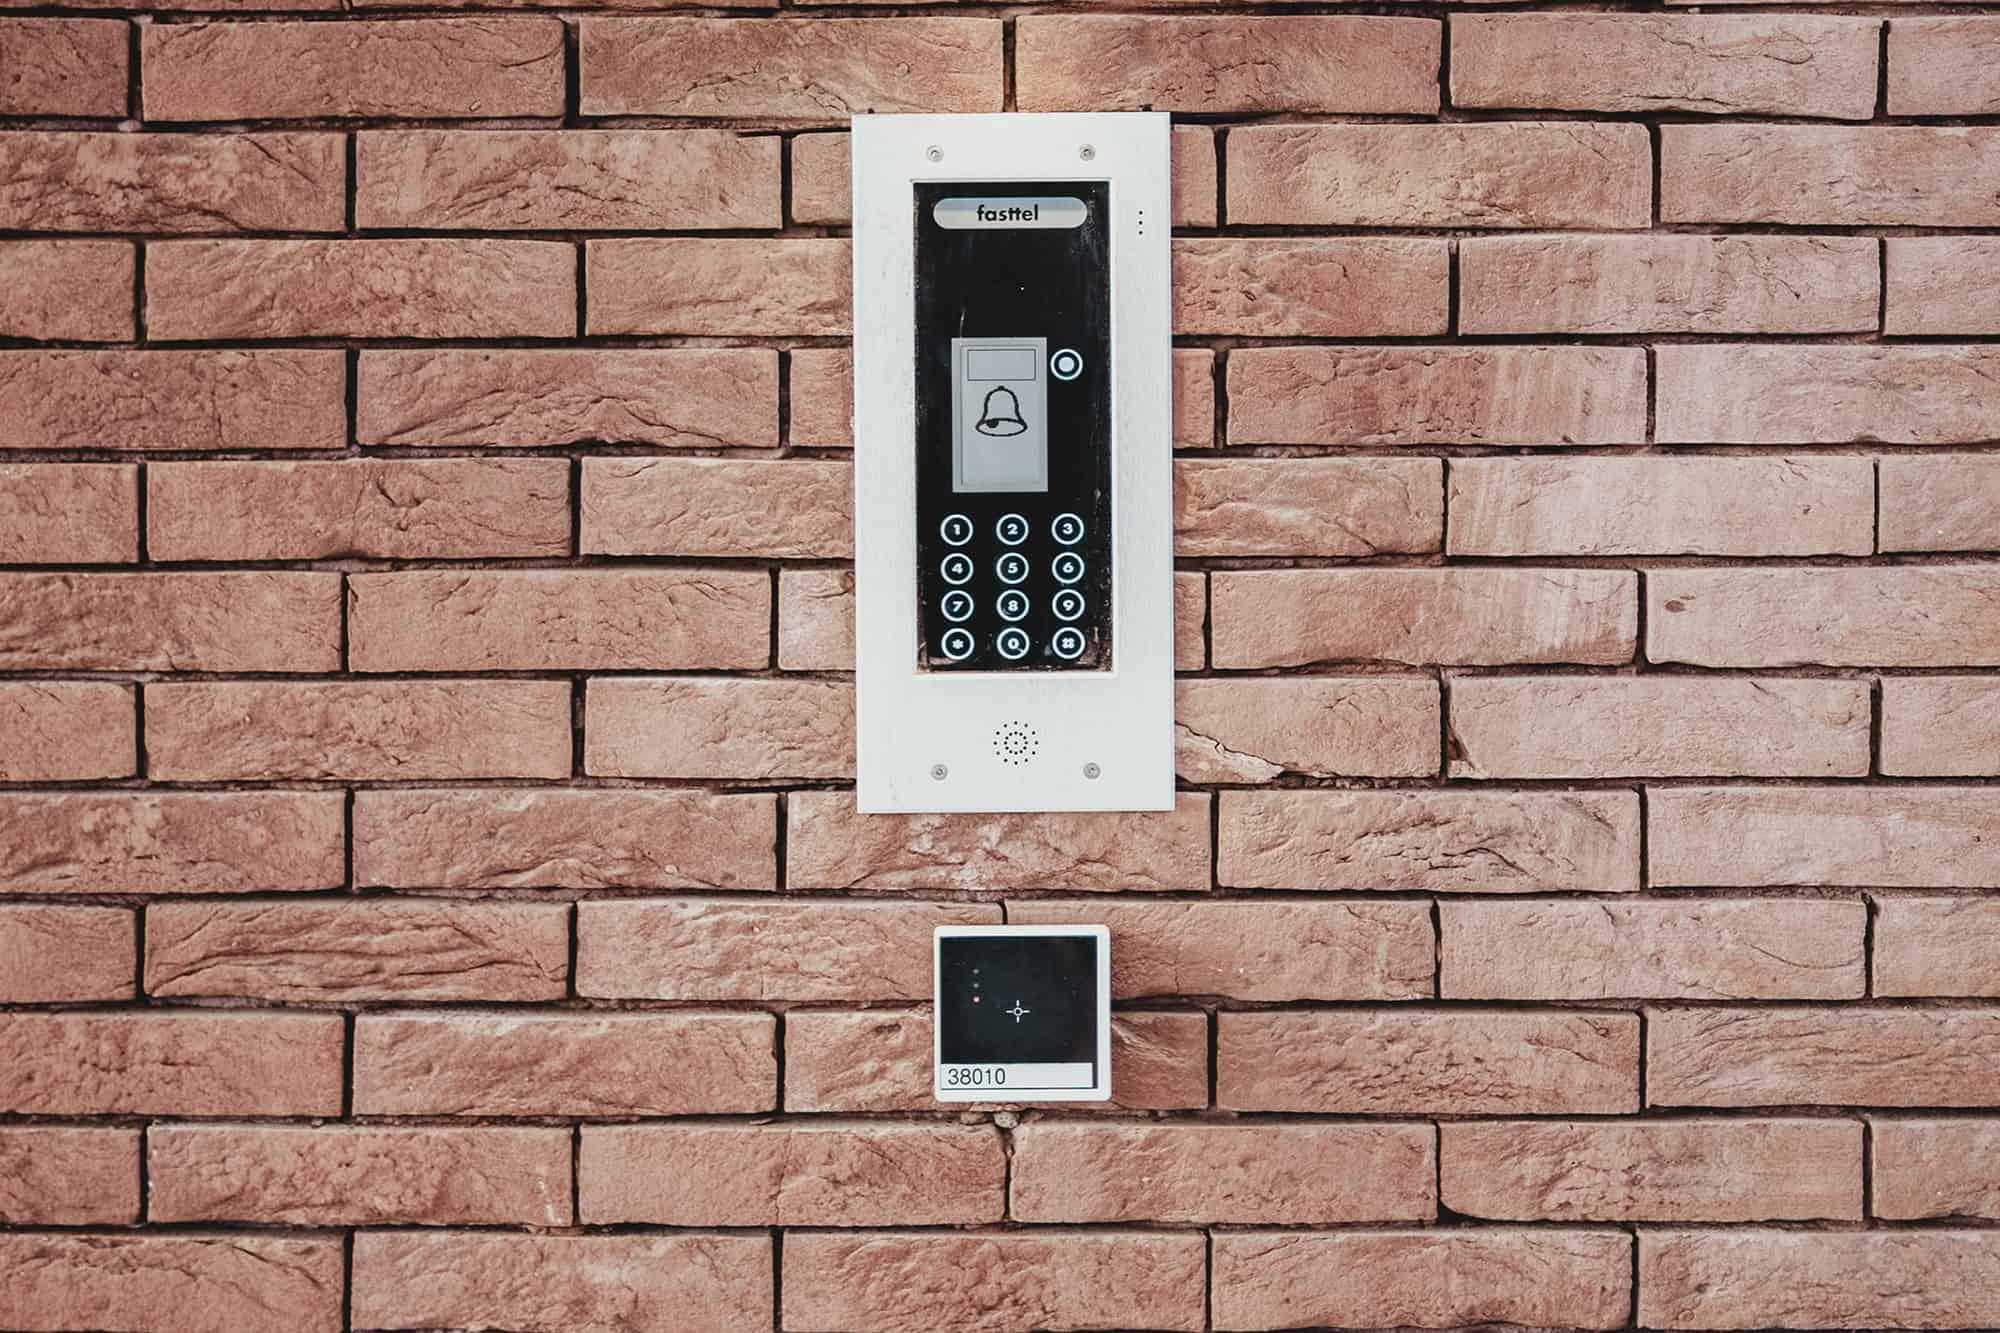 electricien parlophonie vidéophonie